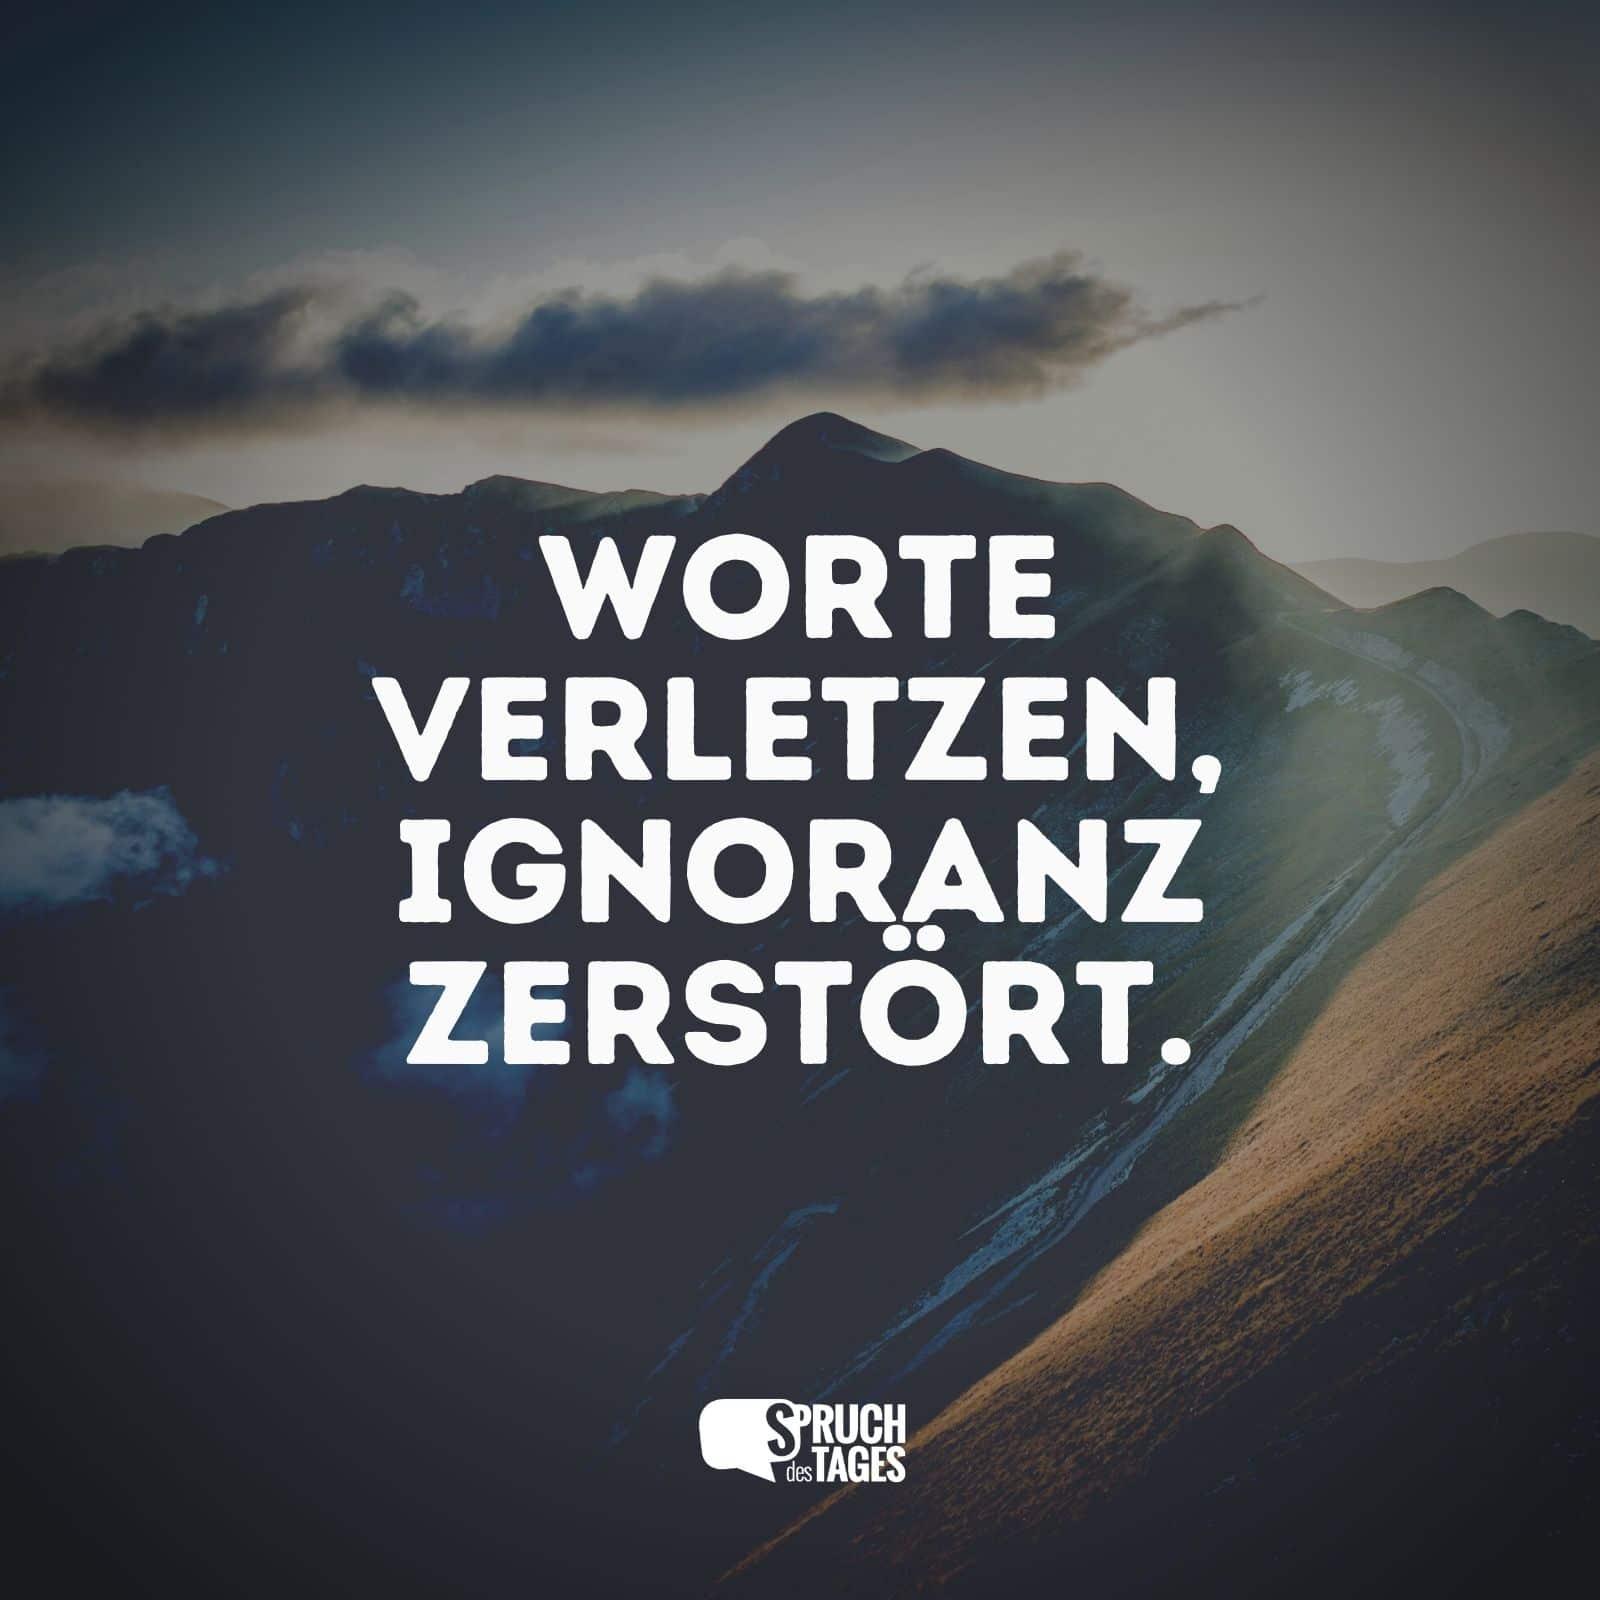 sprüche ignoranz Worte verletzen, Ignoranz zerstört. sprüche ignoranz